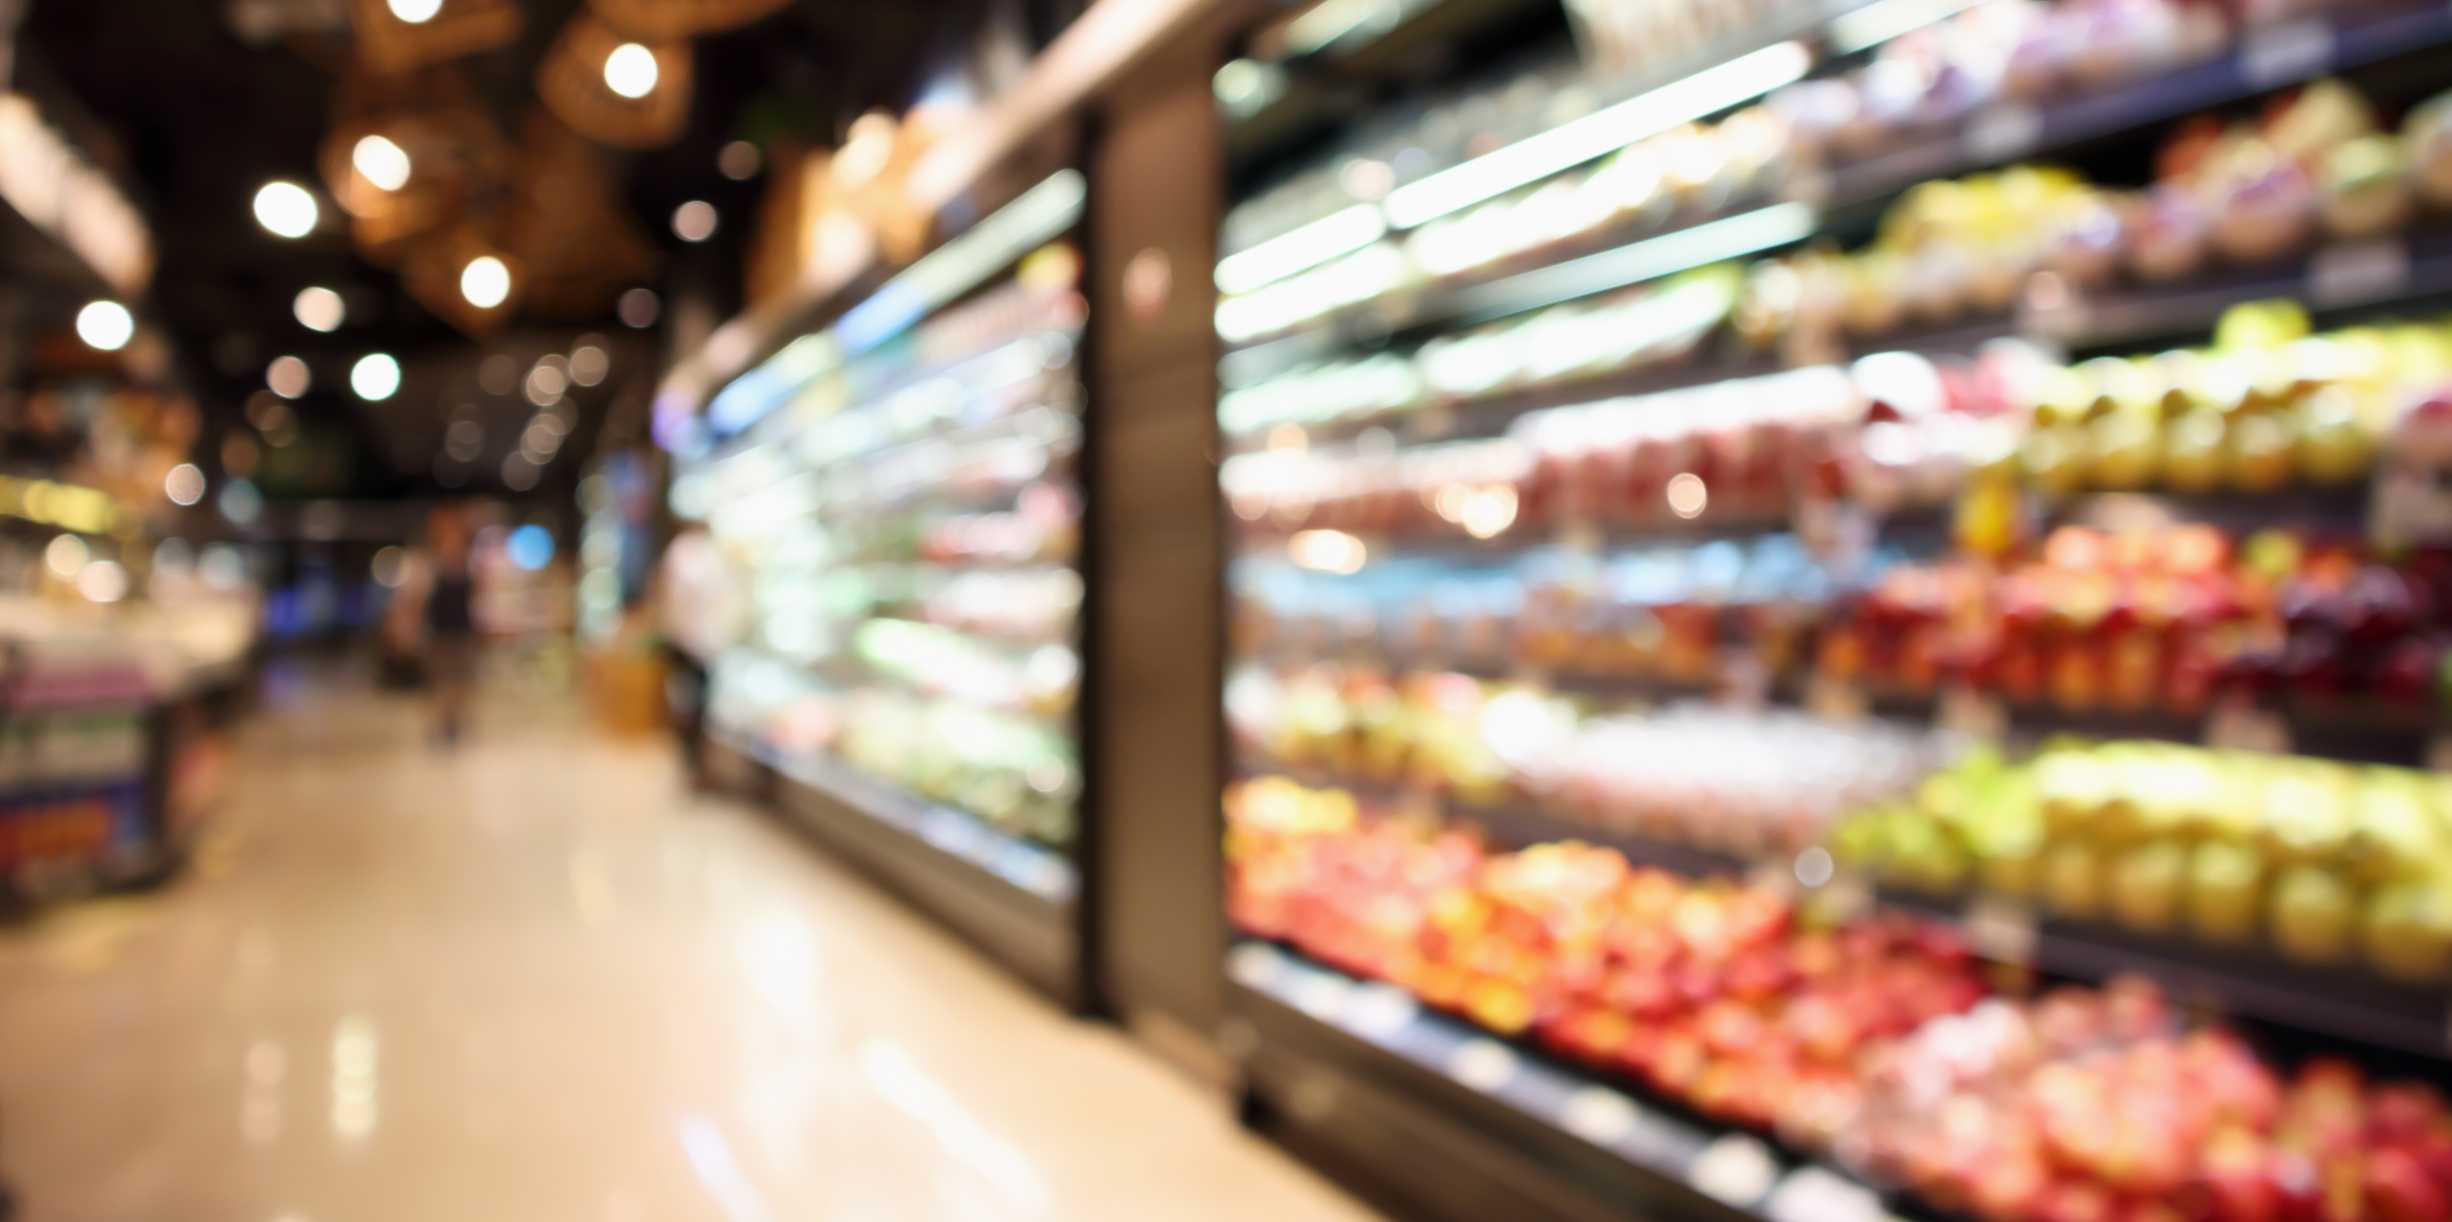 Diabetic Food What Is Diabetic Food And Should I Buy It